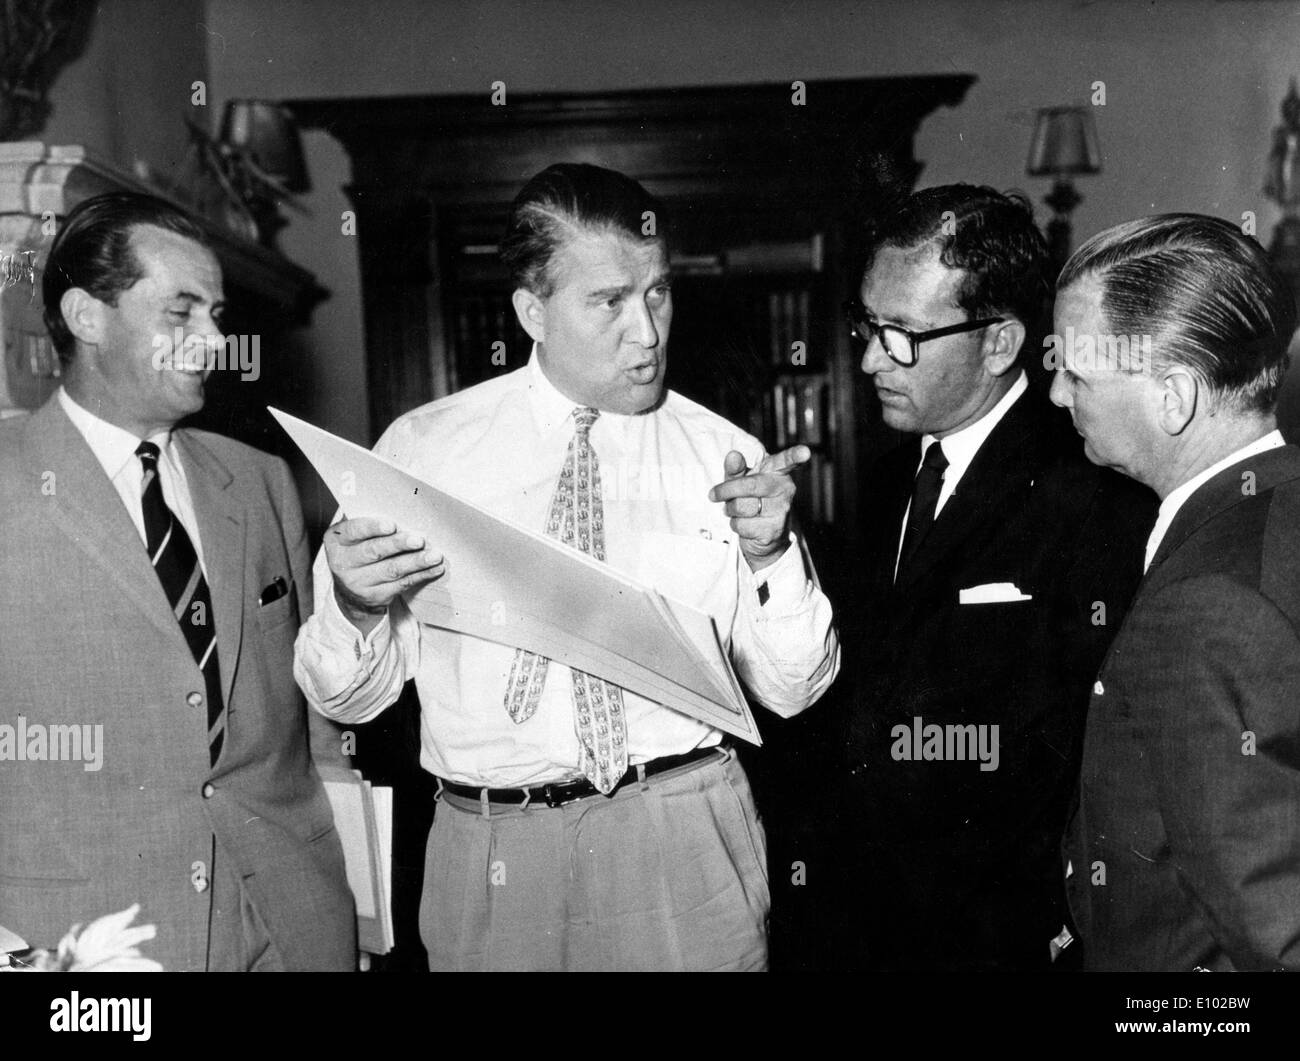 Wernher von Braun mit Lee Thompson (R) und Paul Berthel (L) Stockfoto